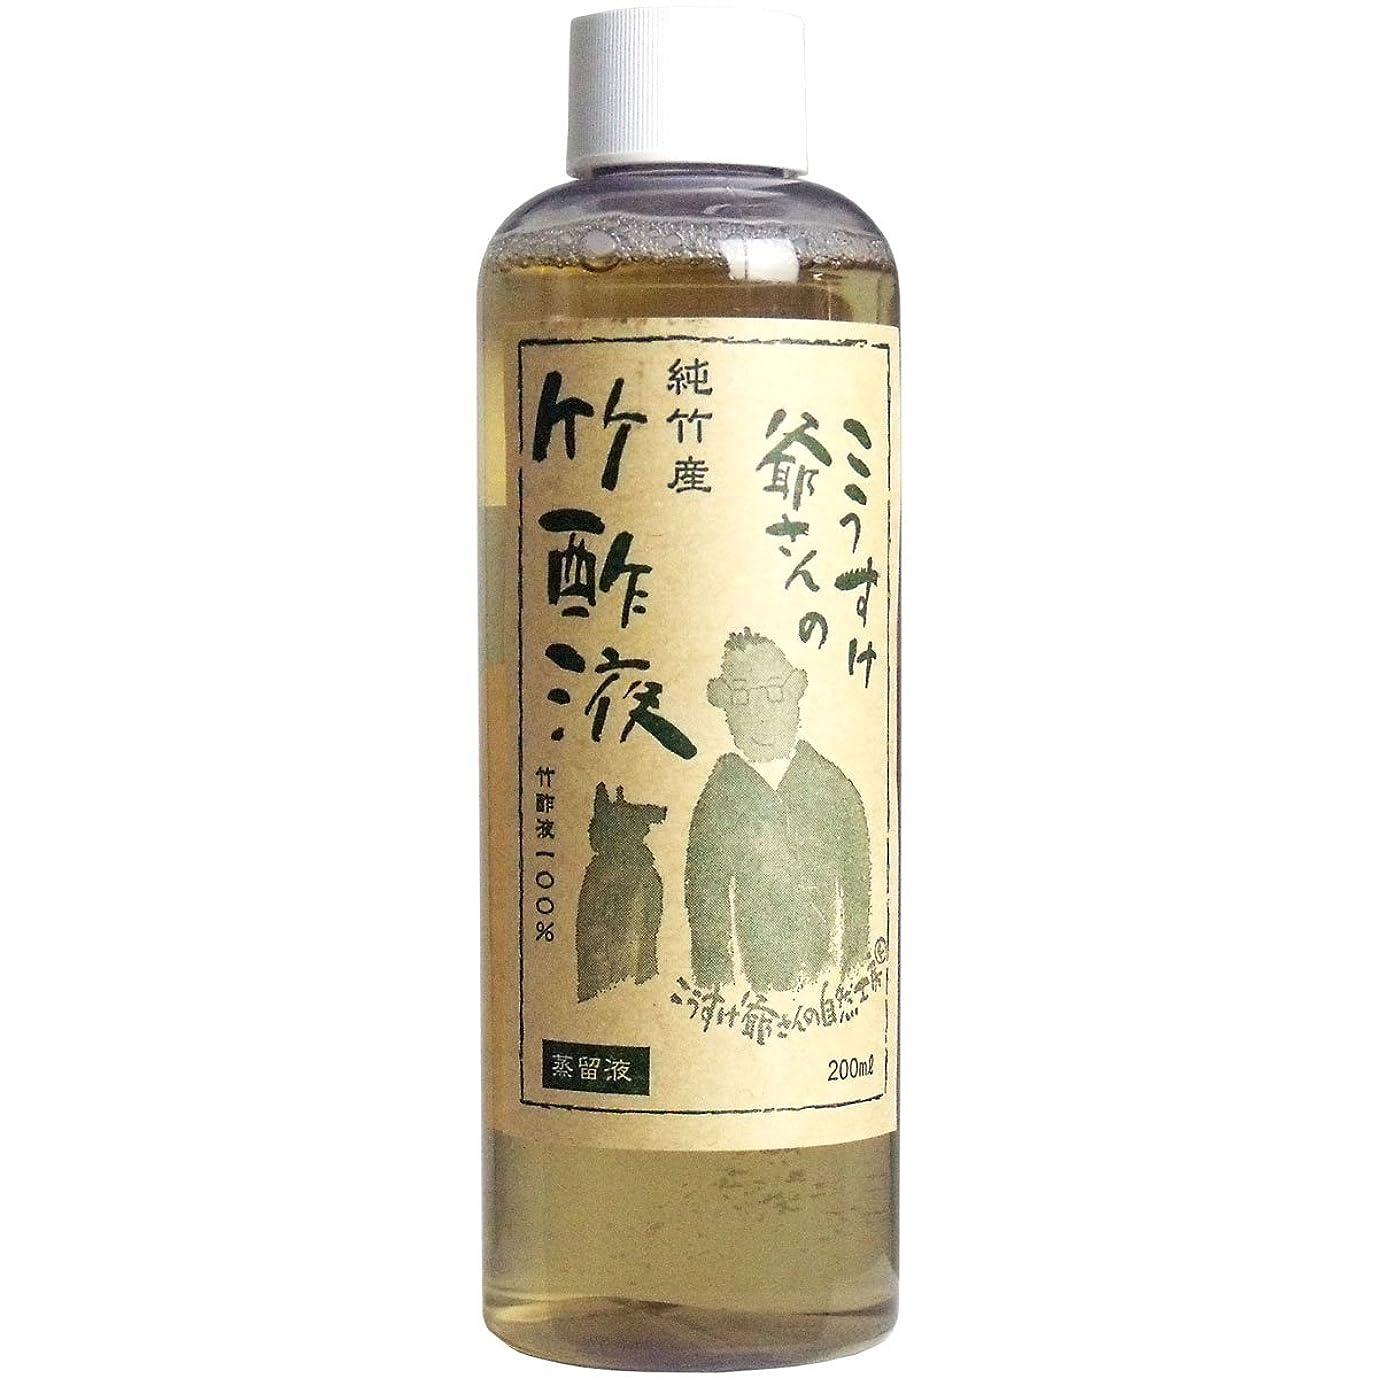 したい関係批判的竹酢液100% 保水保湿効果がある 使いやすい こうすけ爺さんの純竹産 竹酢液100% 蒸留液 200mL